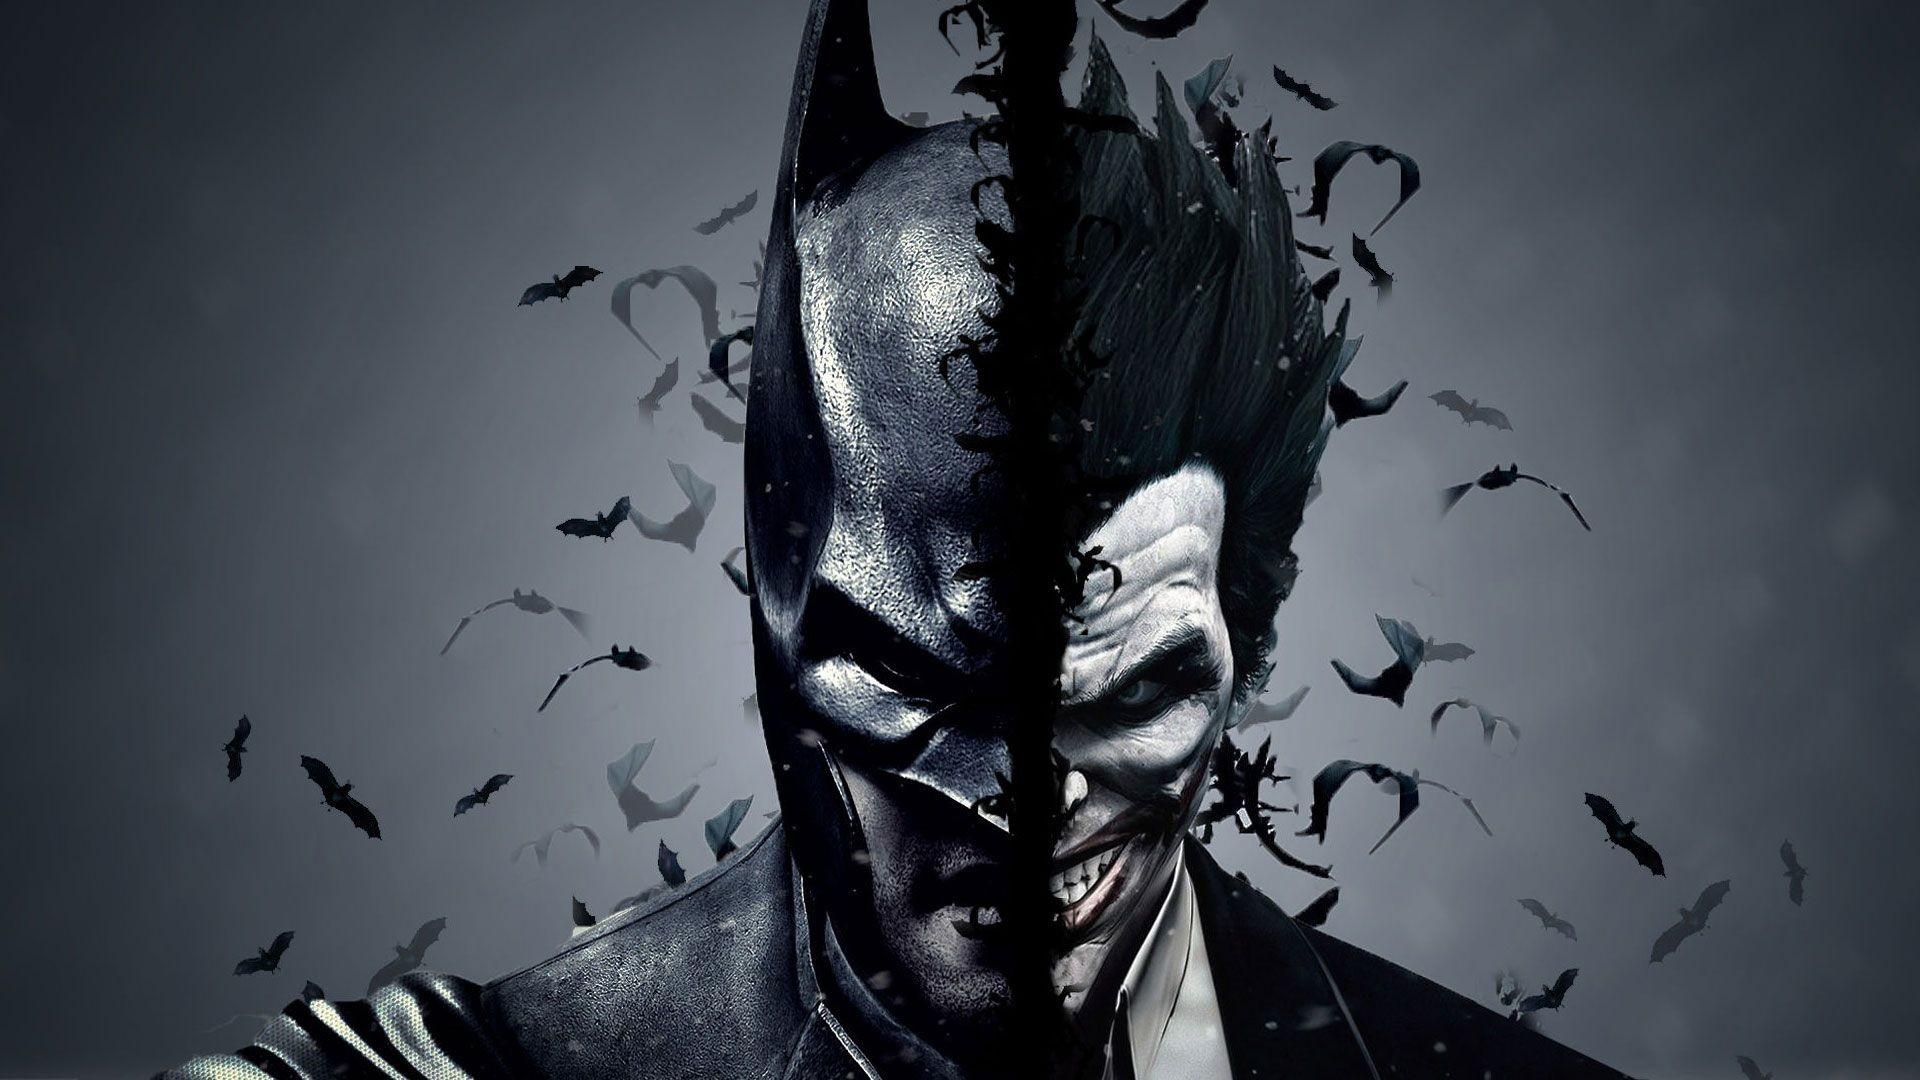 batman arkham knight wallpaper 1600x900